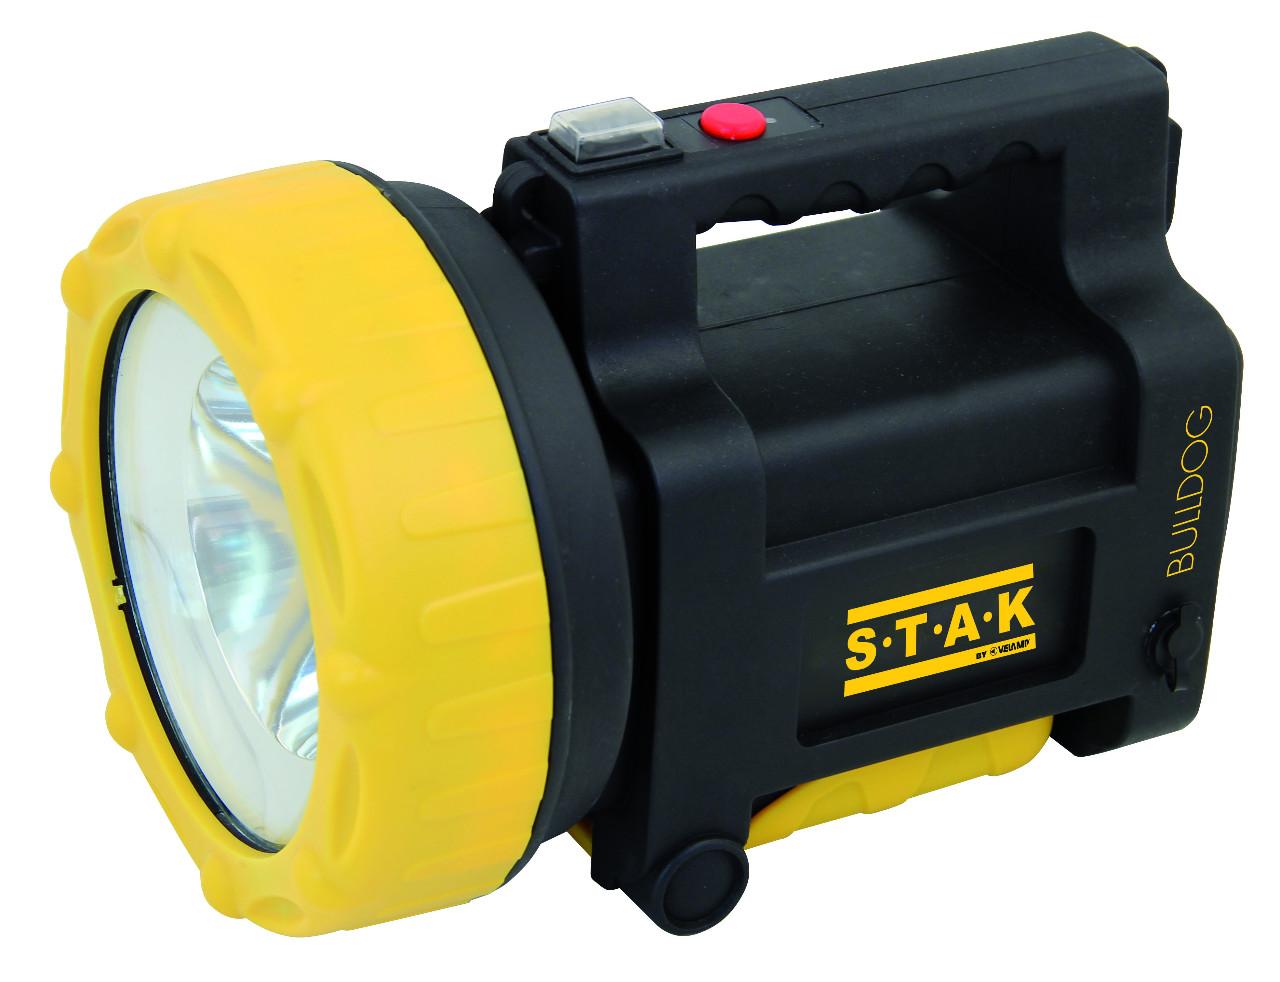 VELAMP S.T.A.K Nabíjecí 30W XML CREE® LED svítilna R930